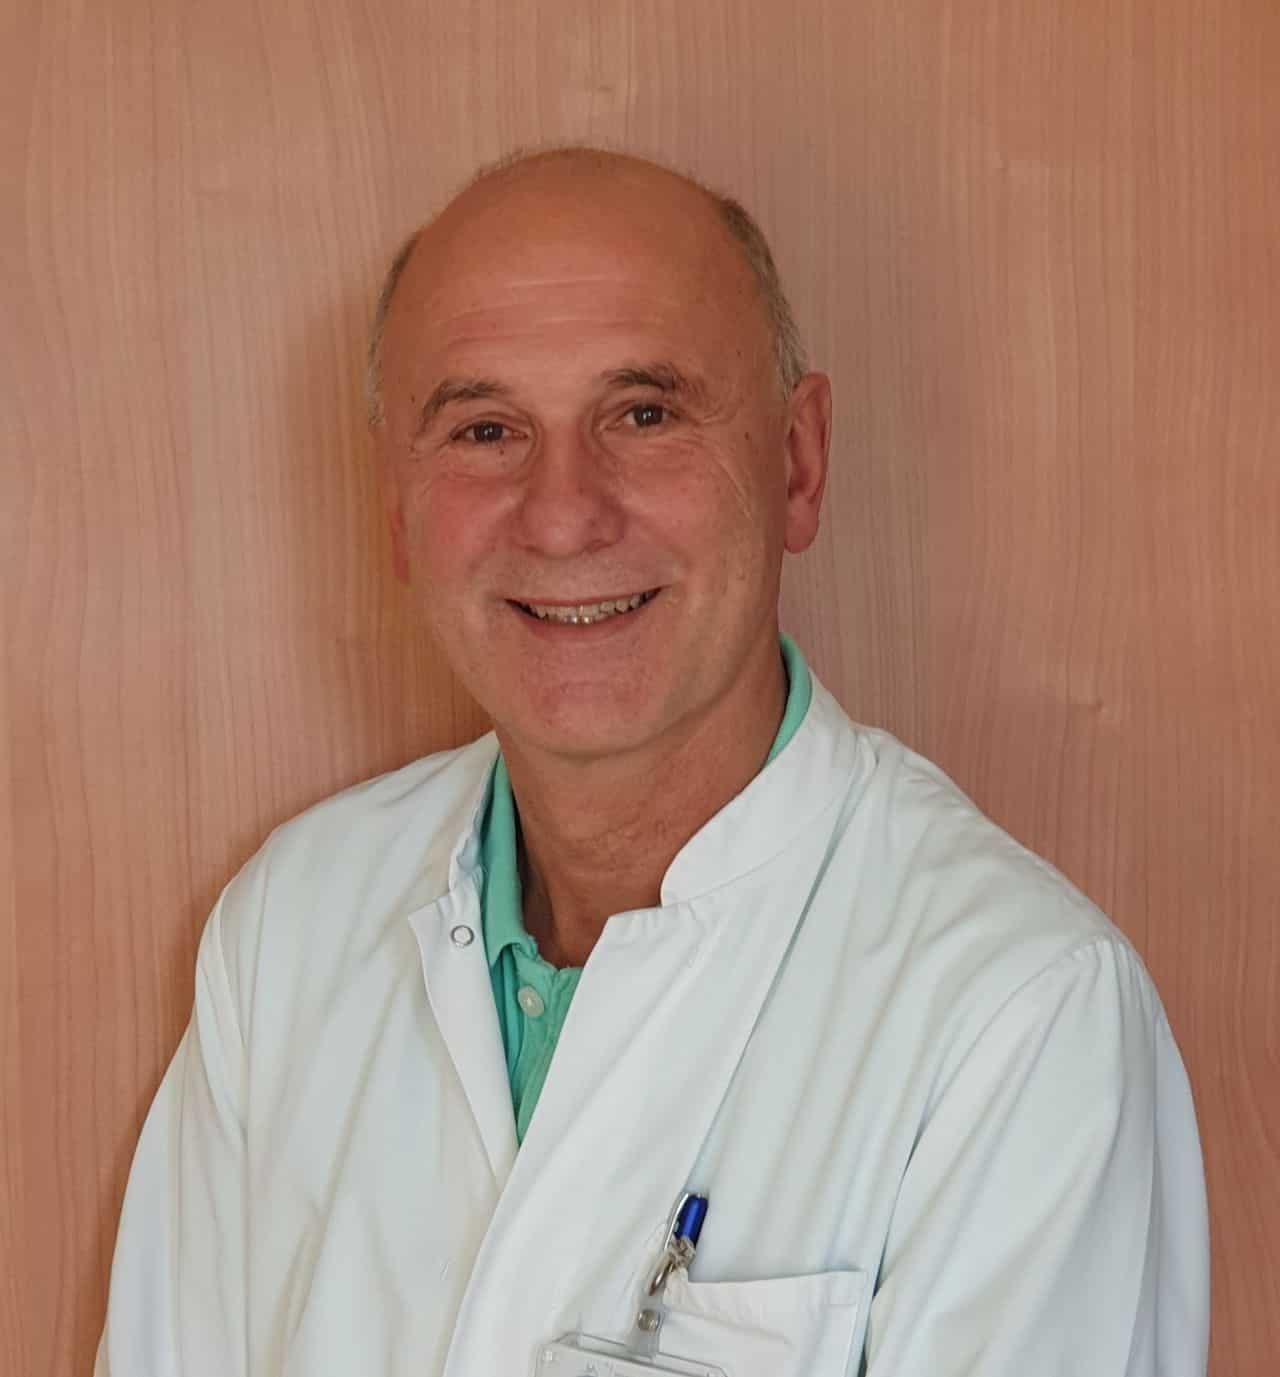 Dr. med. Günter Rosbach, Sektion Gelenkchirurgie am DRK in Dietz/Lahn